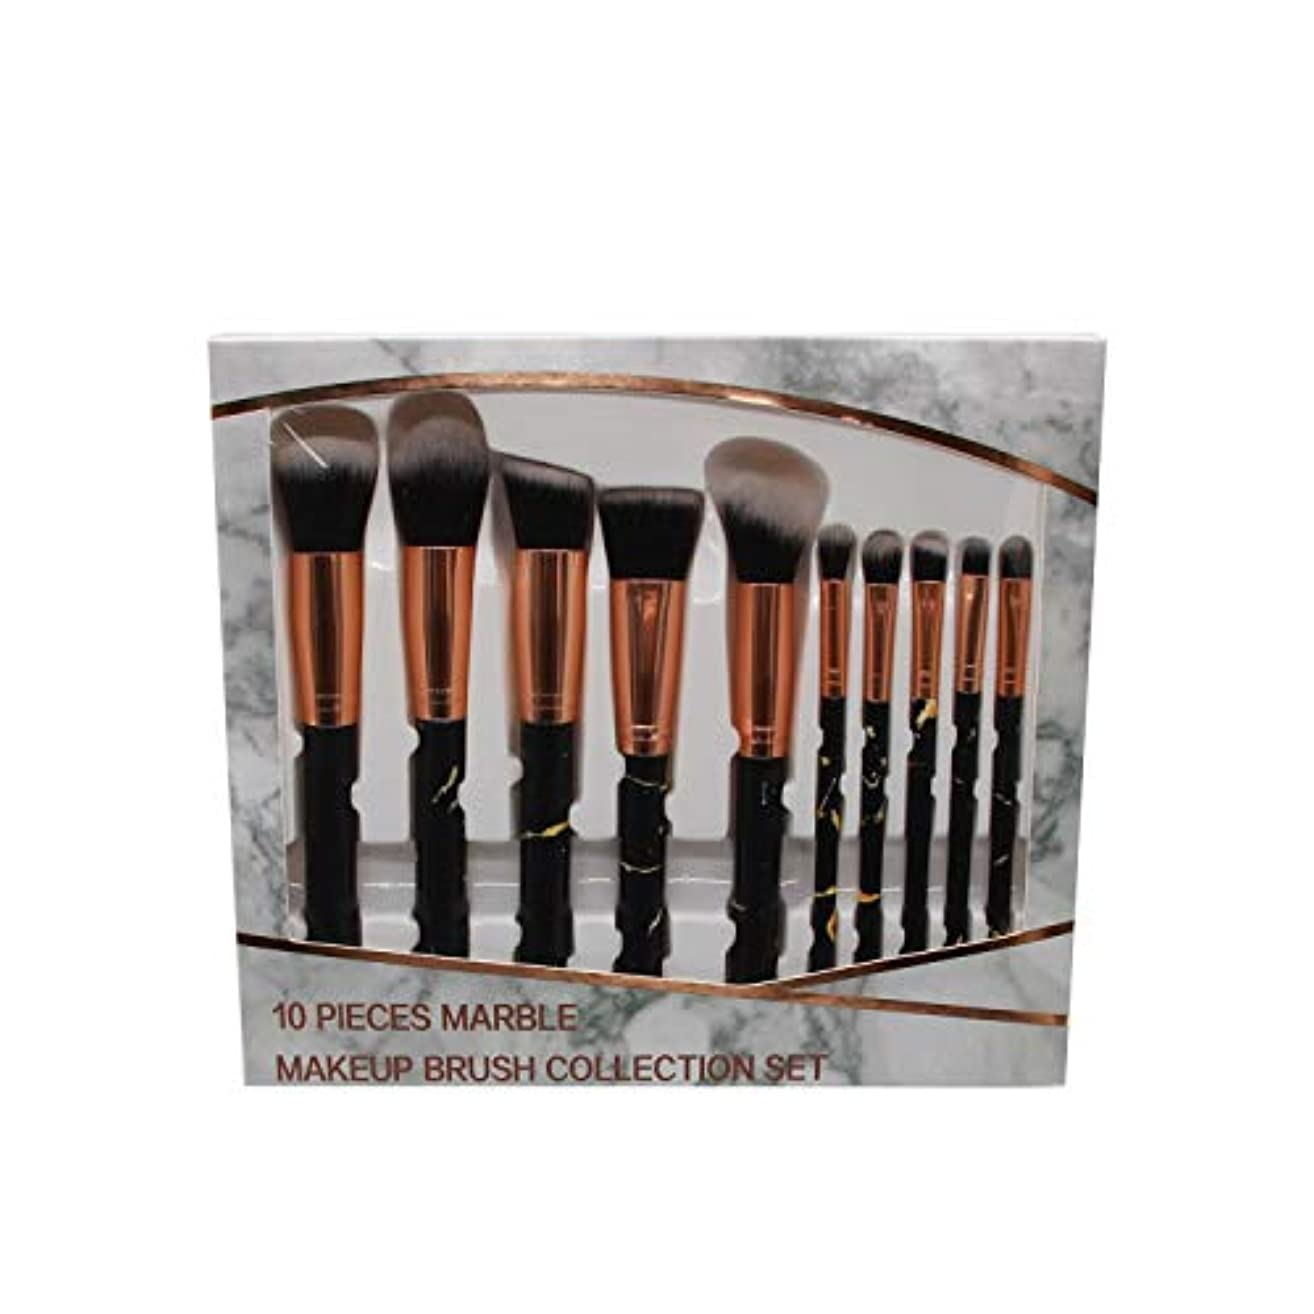 維持する臭い交響曲Makeup brushes 洗練された合成ファンデーションコンシーラーアイシャドウフェイシャルメイクアップブラシセット(10個)、マーブルメイクアップブラシセット suits (Color : Pink)